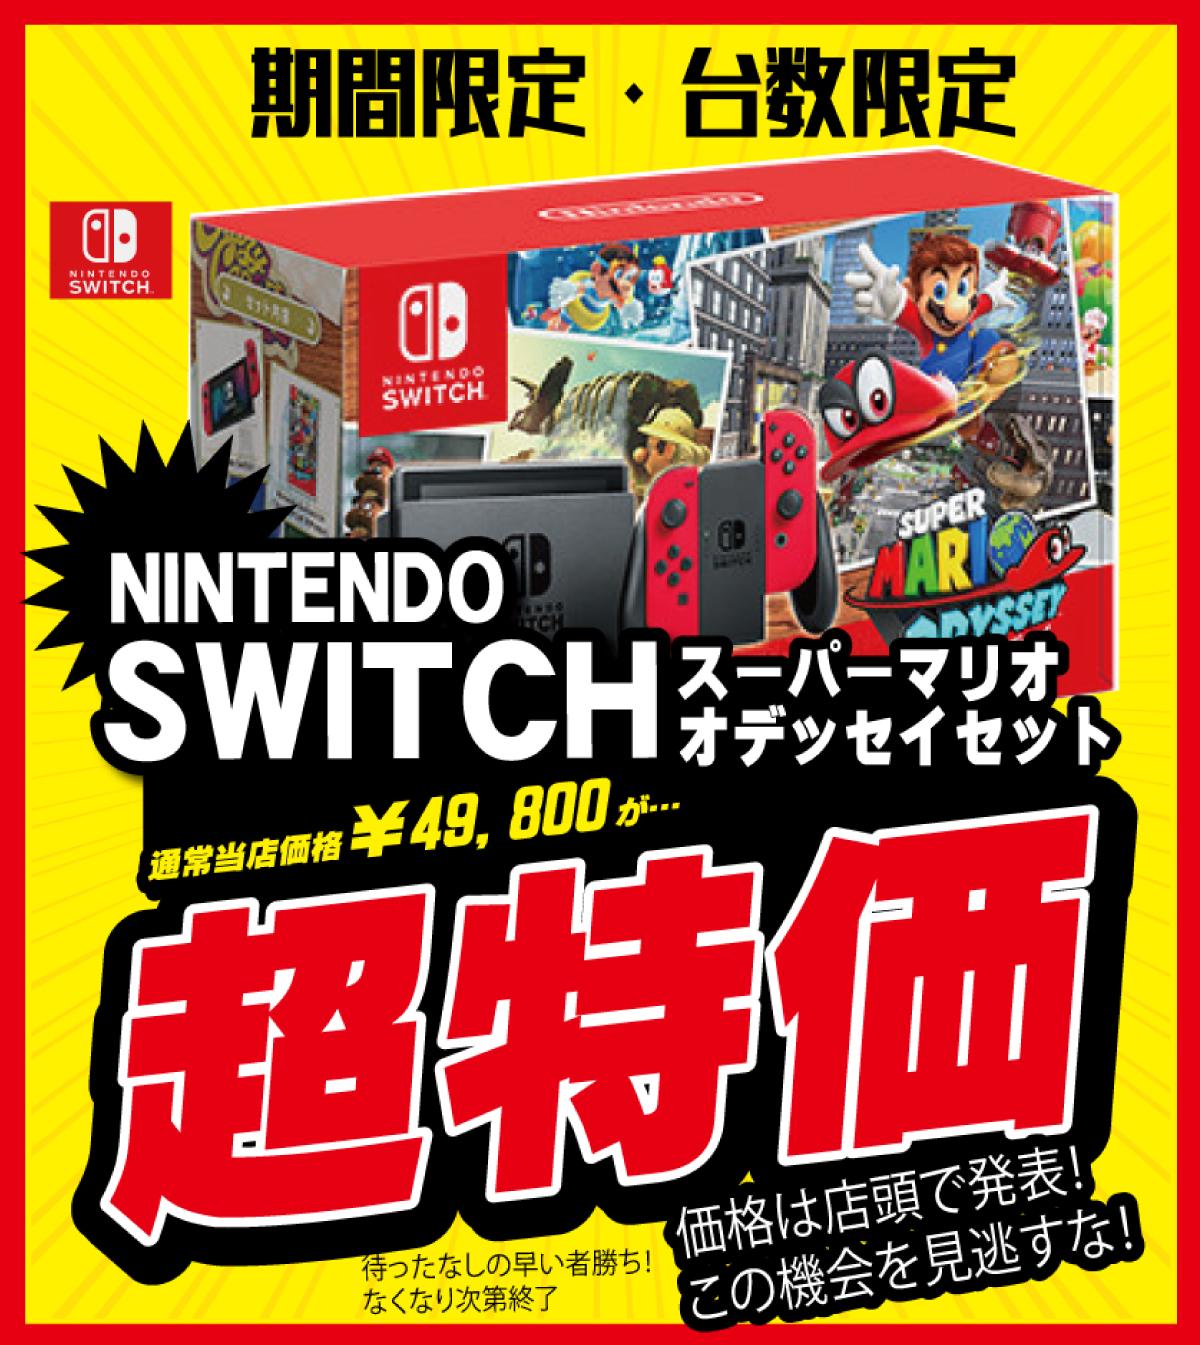 「開放倉庫山城店」ゲームコーナーより、期間限定・台数限定「Nintendo Switch スーパーマリオオデッセイセット」超特価販売中!!